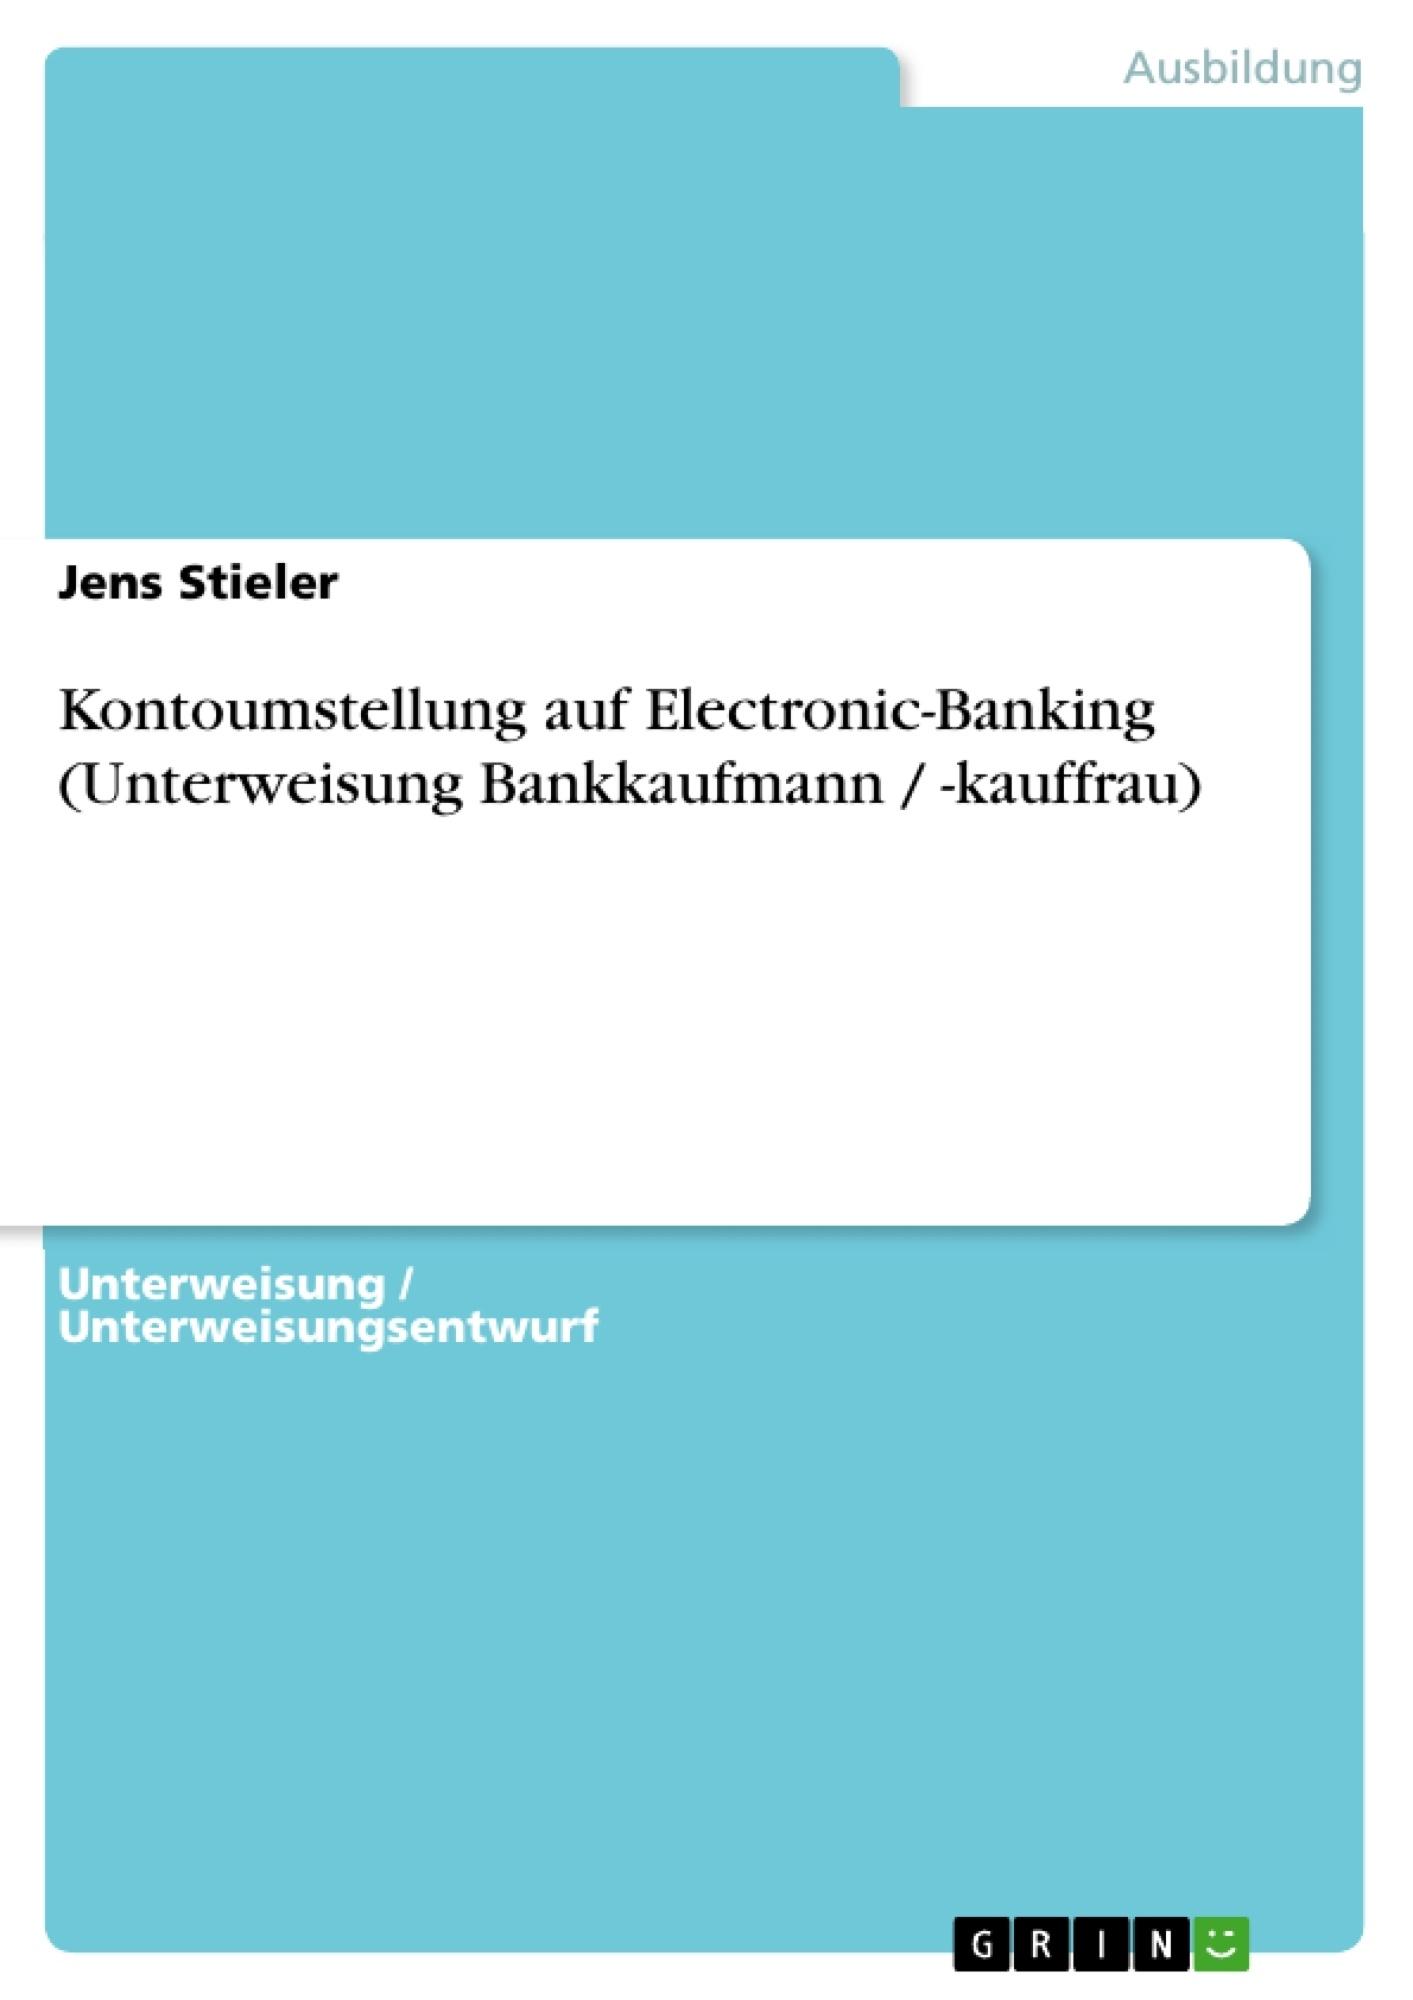 Titel: Kontoumstellung auf Electronic-Banking (Unterweisung Bankkaufmann / -kauffrau)